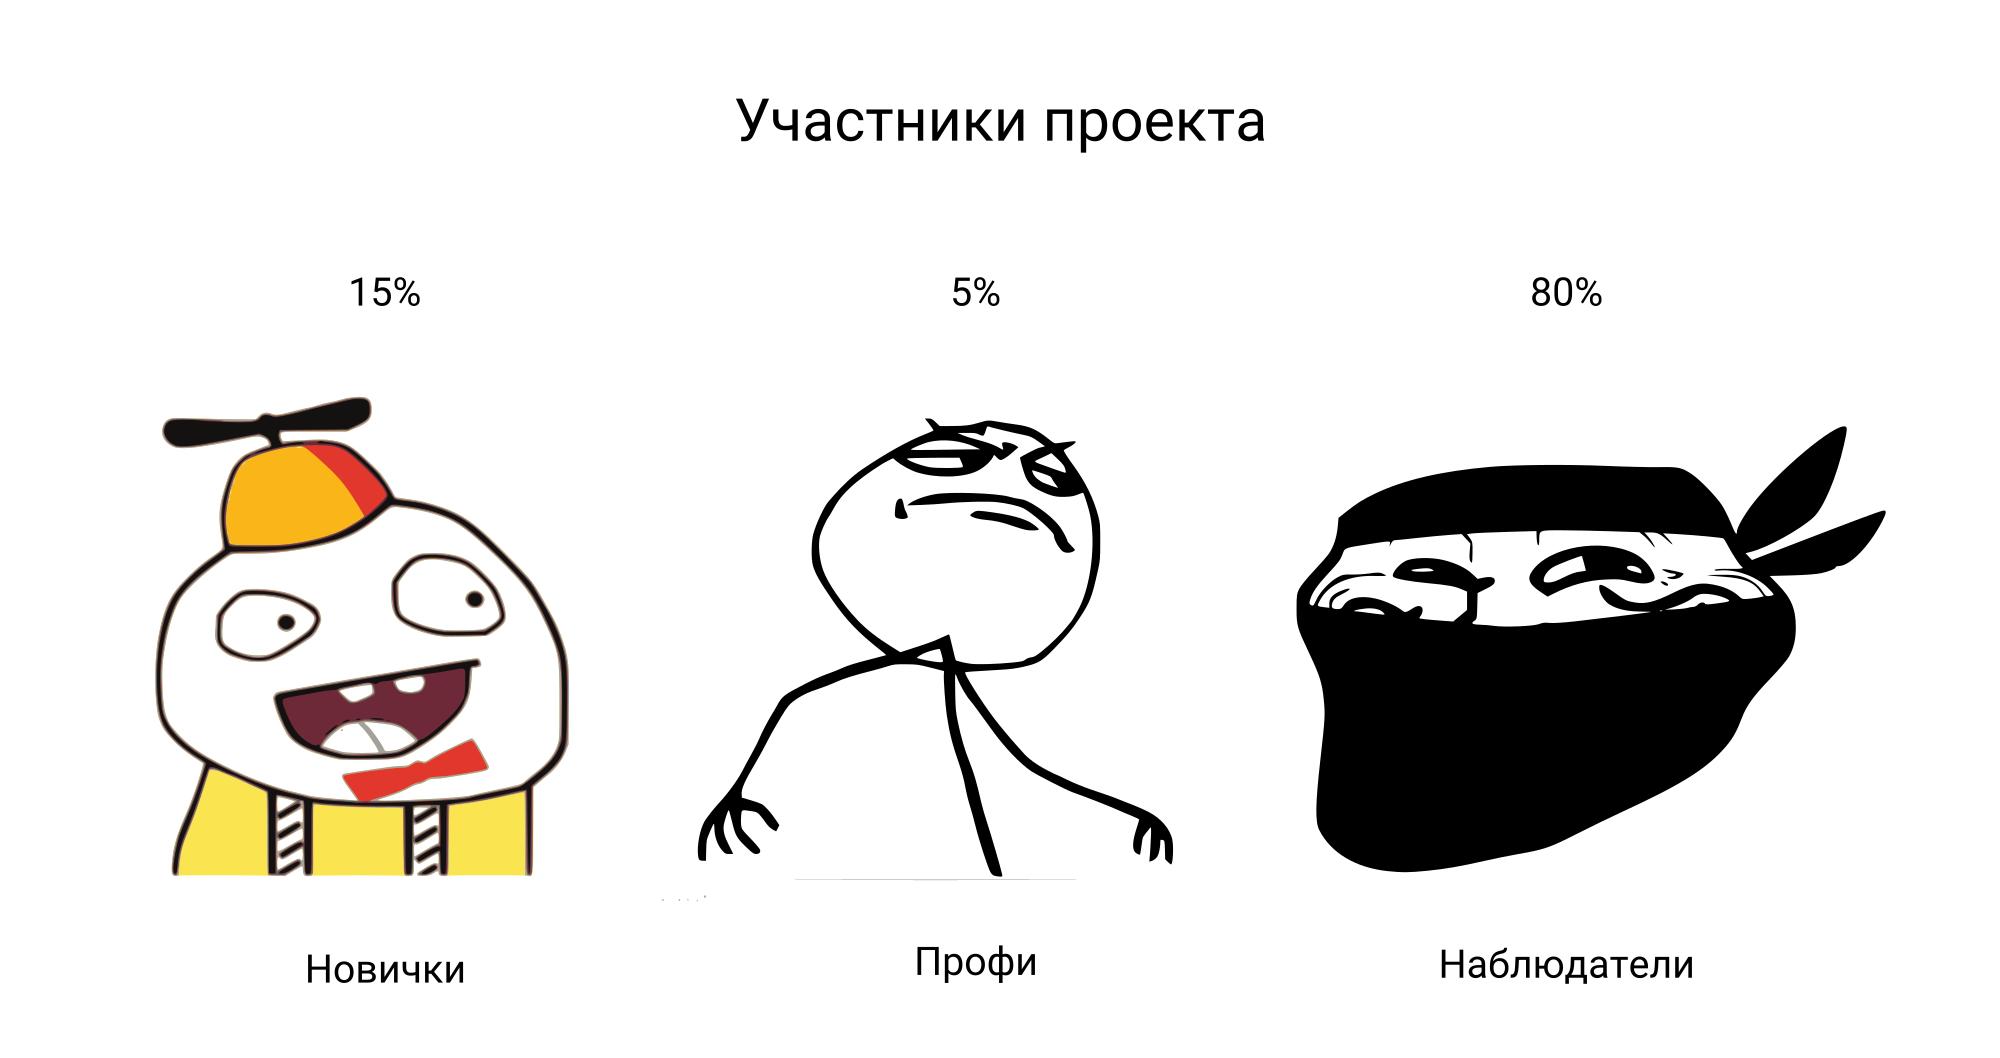 Визуализация новостей рунета - 7